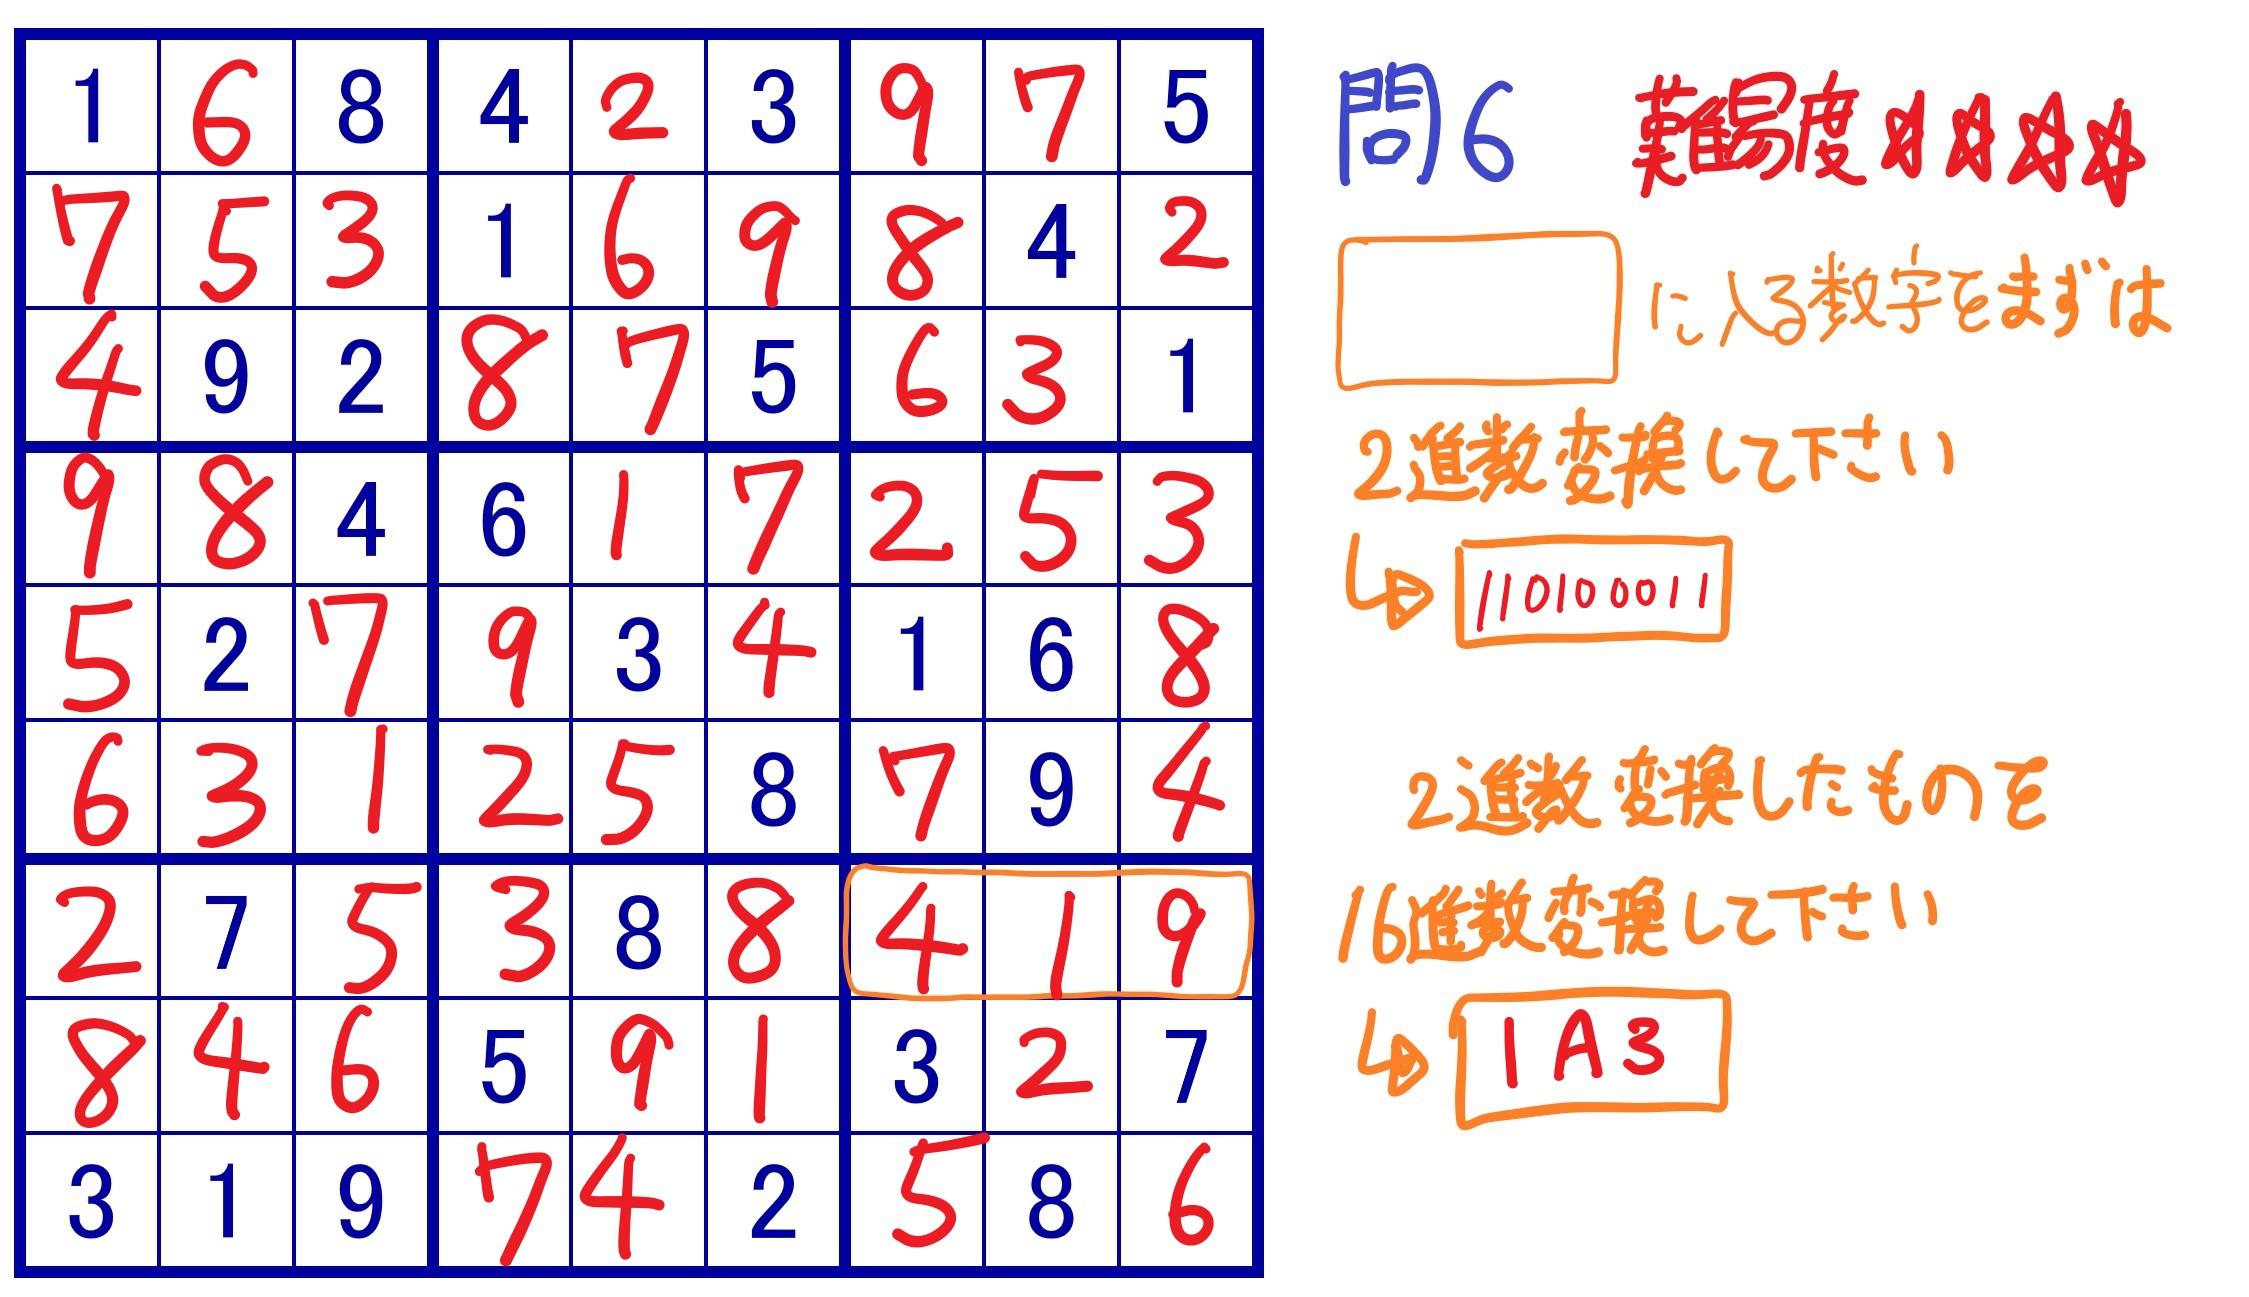 f:id:icn-network:20180913004233j:plain